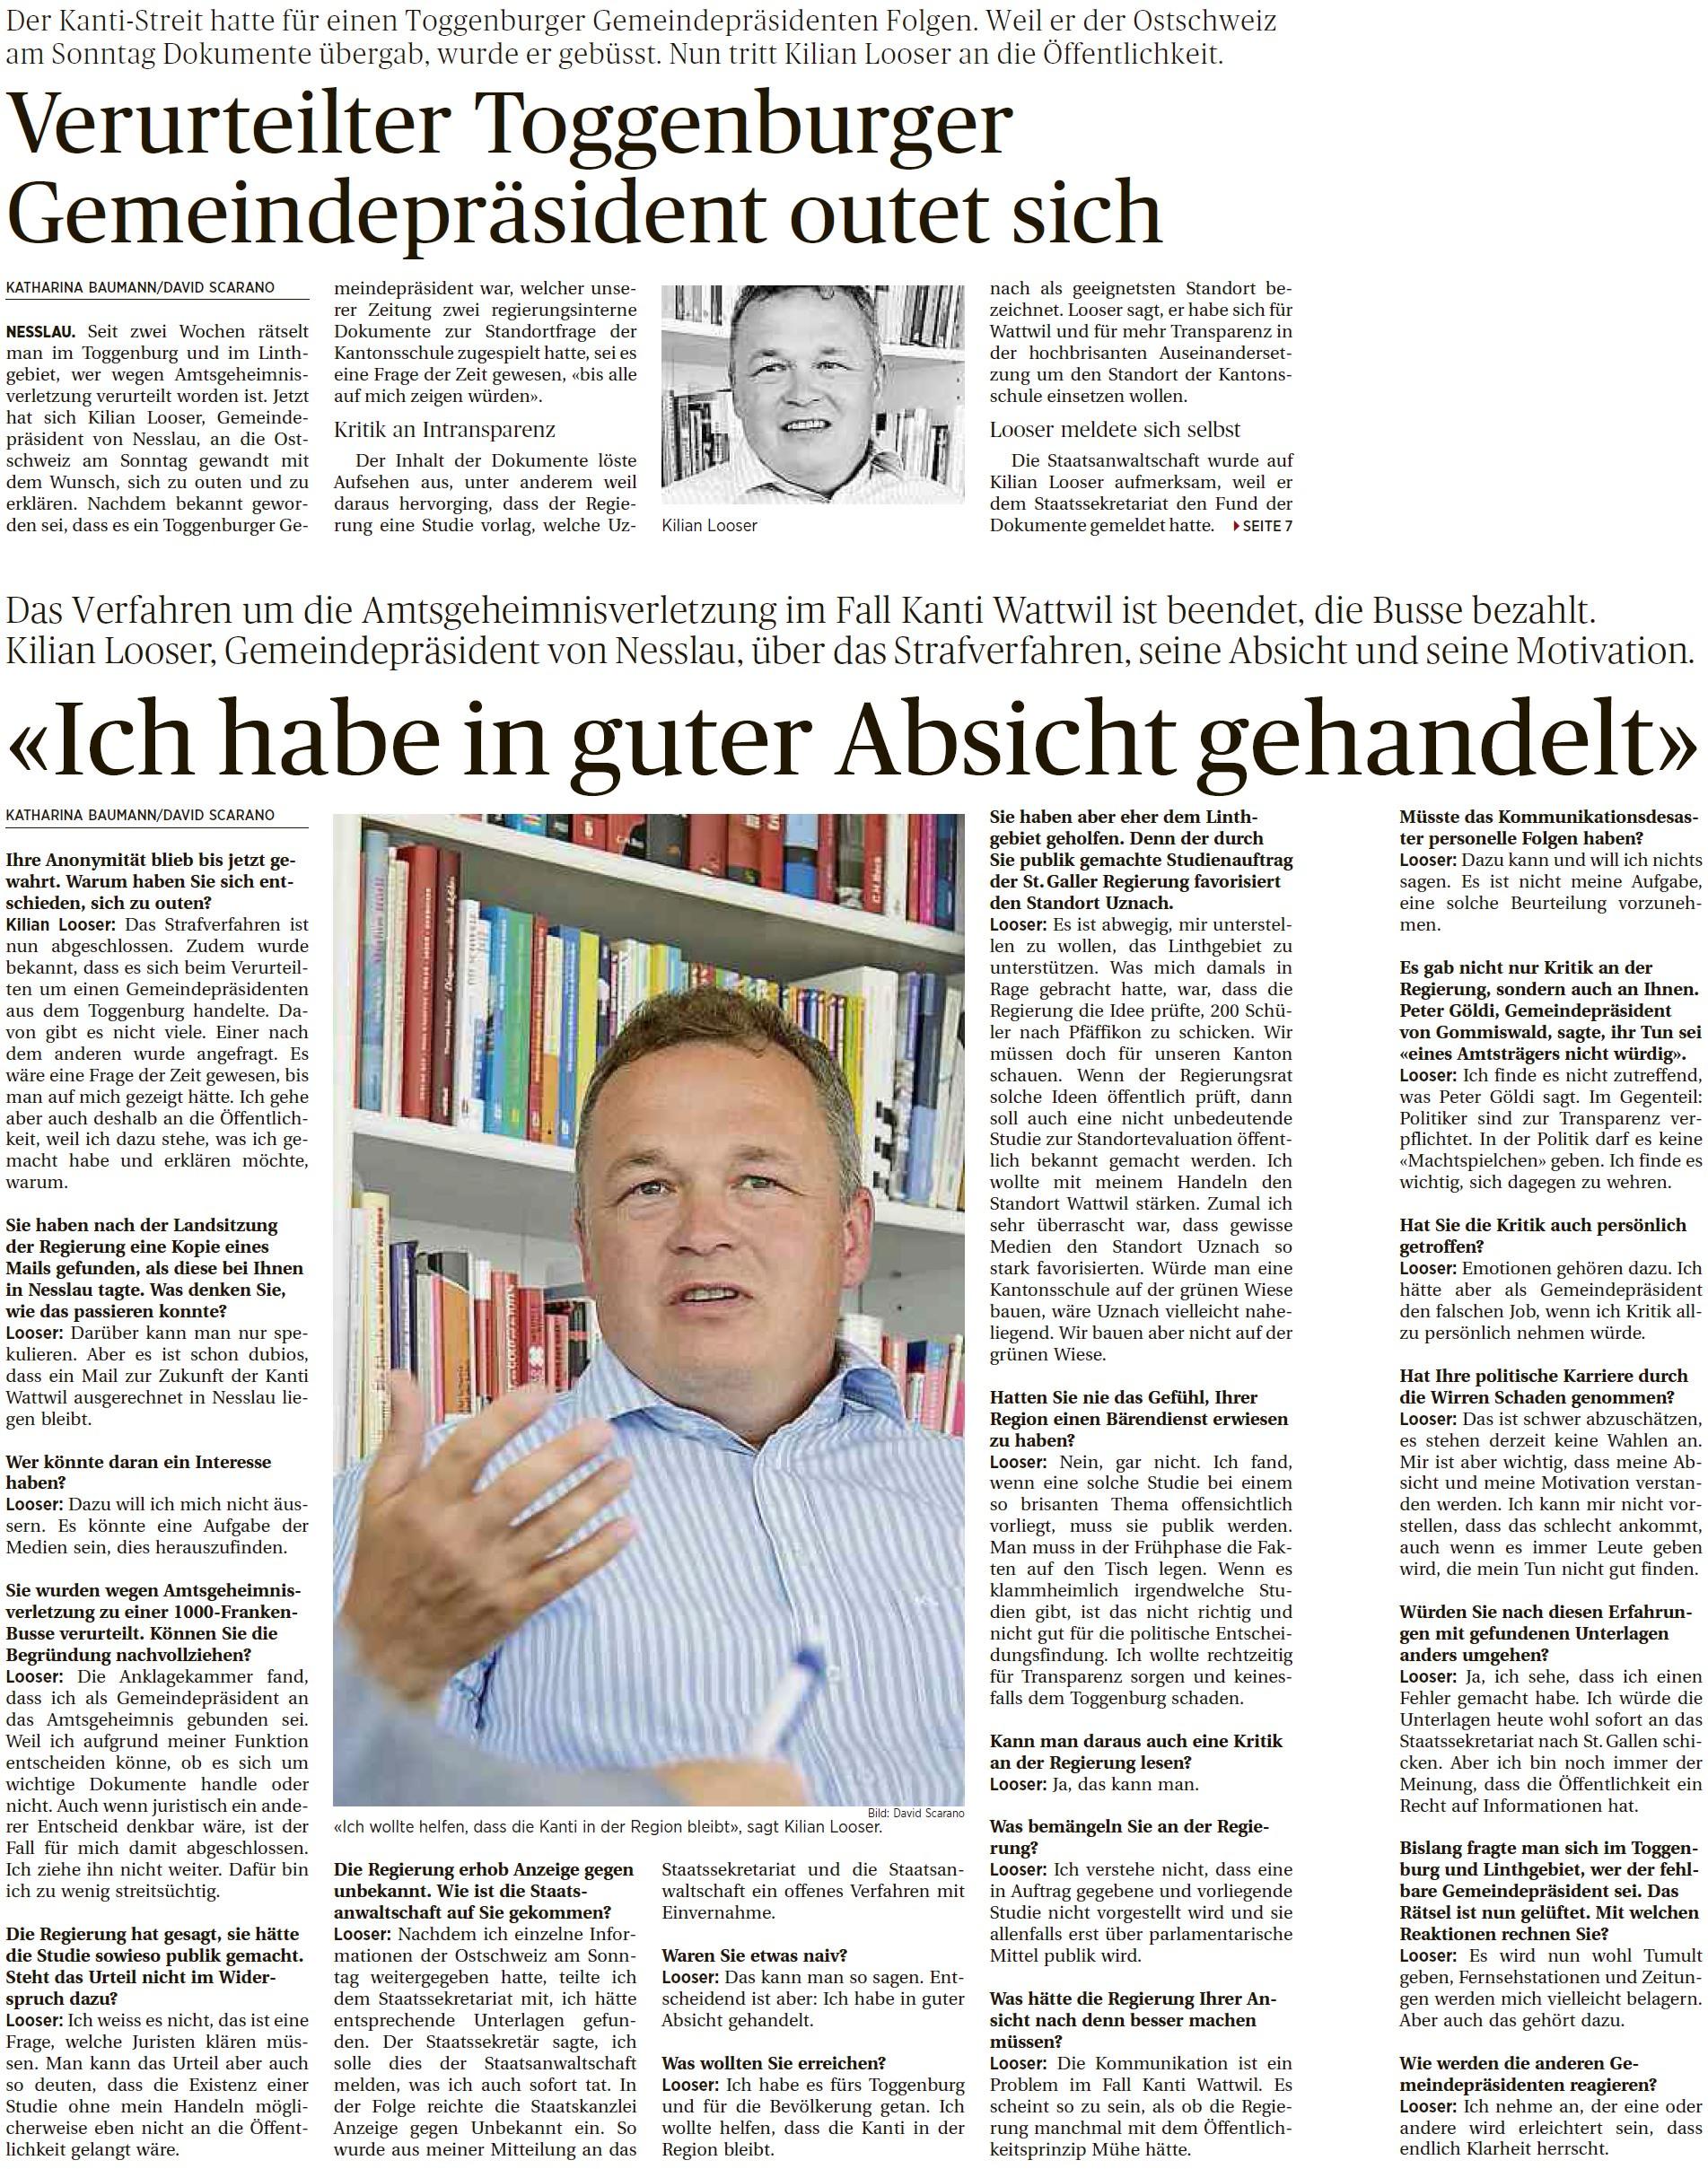 Verurteilter Toggenburger Gemeindepräsident outet sich (Sonntag, 03.08.2014)